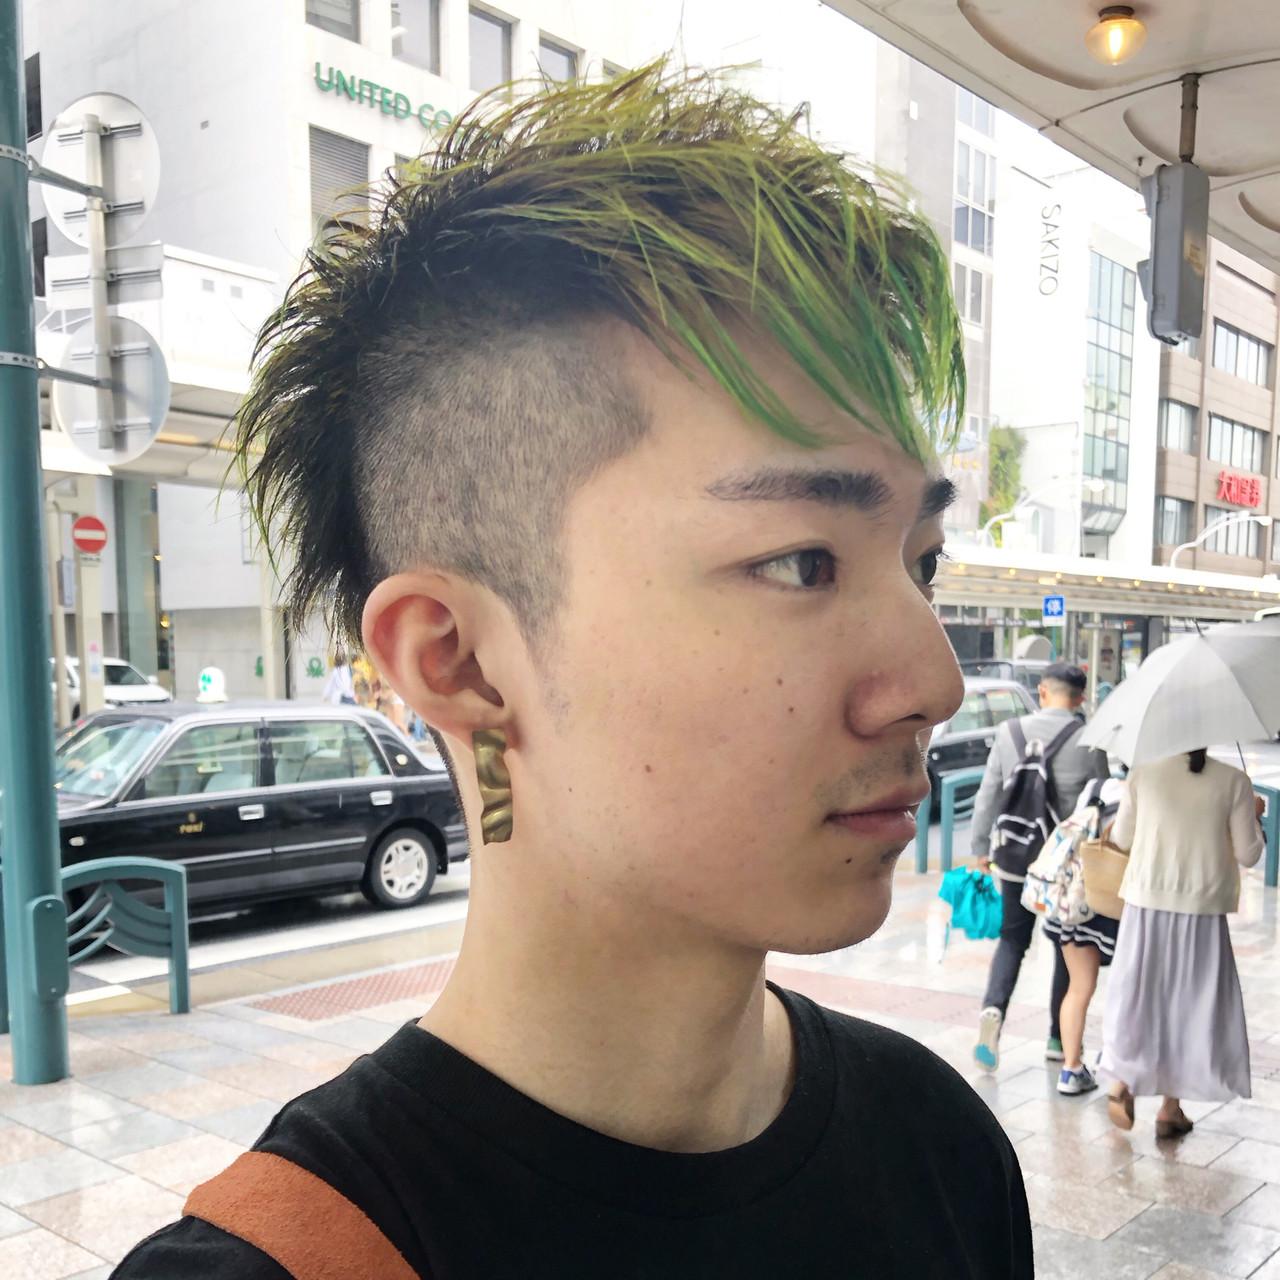 モード メンズヘア メンズショート メンズ ヘアスタイルや髪型の写真・画像   元橋啓太 / snob